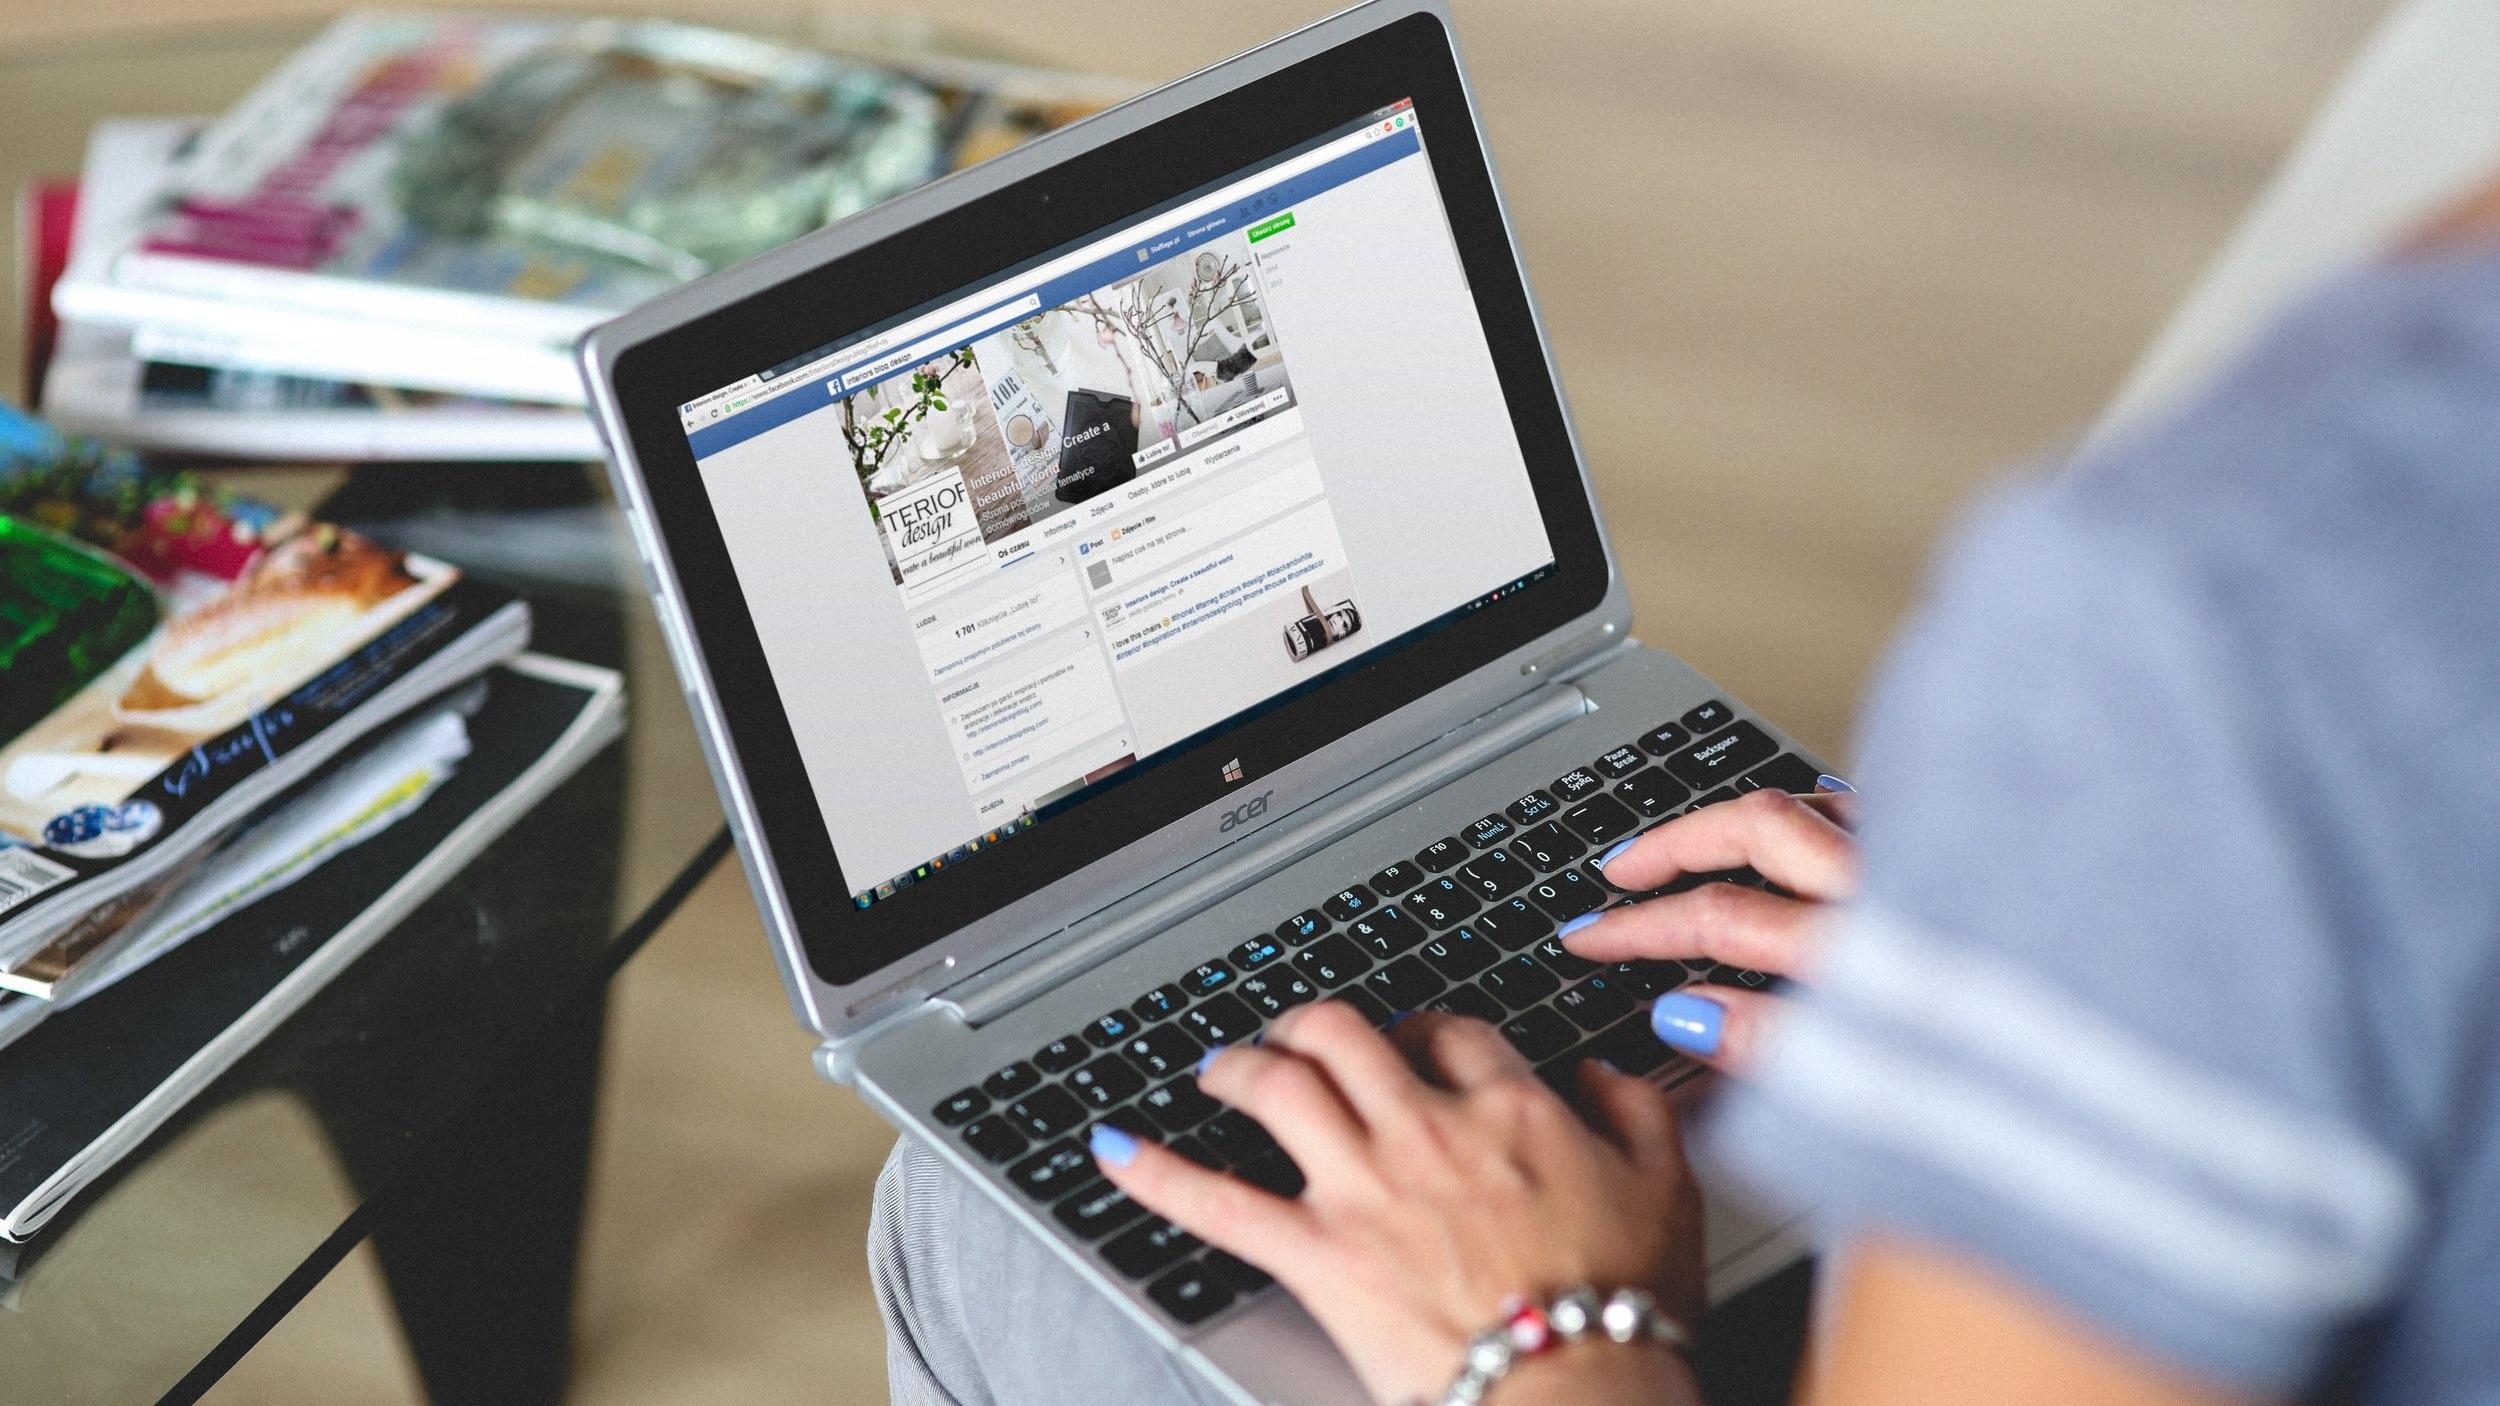 Votre stratégie éditoriale sera utile pour créer des publications sur réseaux sociaux. -